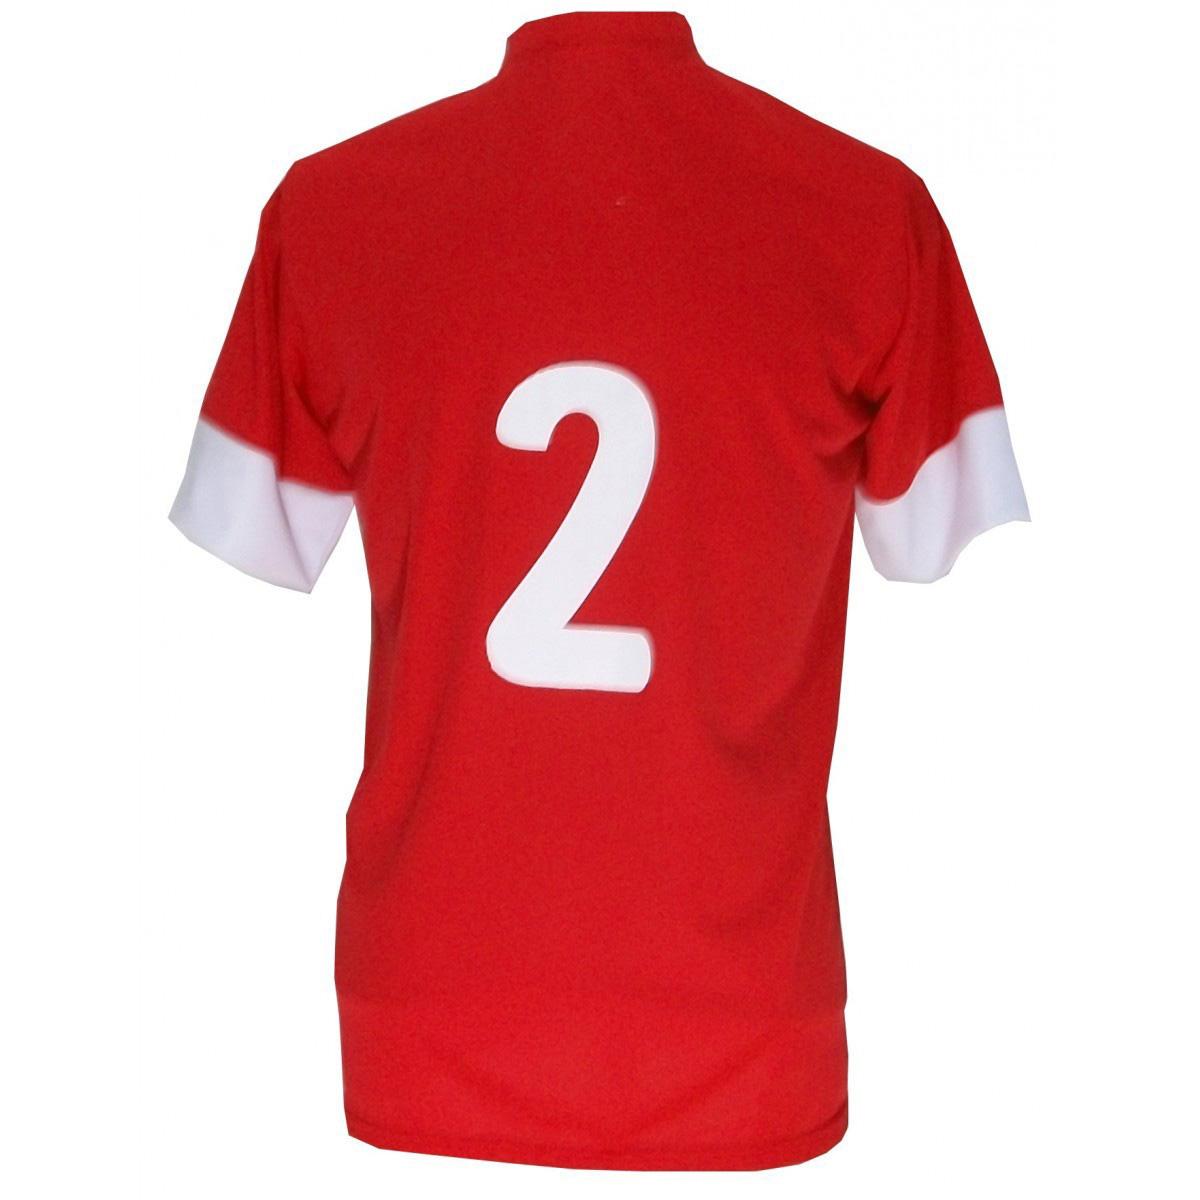 Jogo de Camisa com 14 unidades modelo Sporting Vermelho/Branco + Brindes